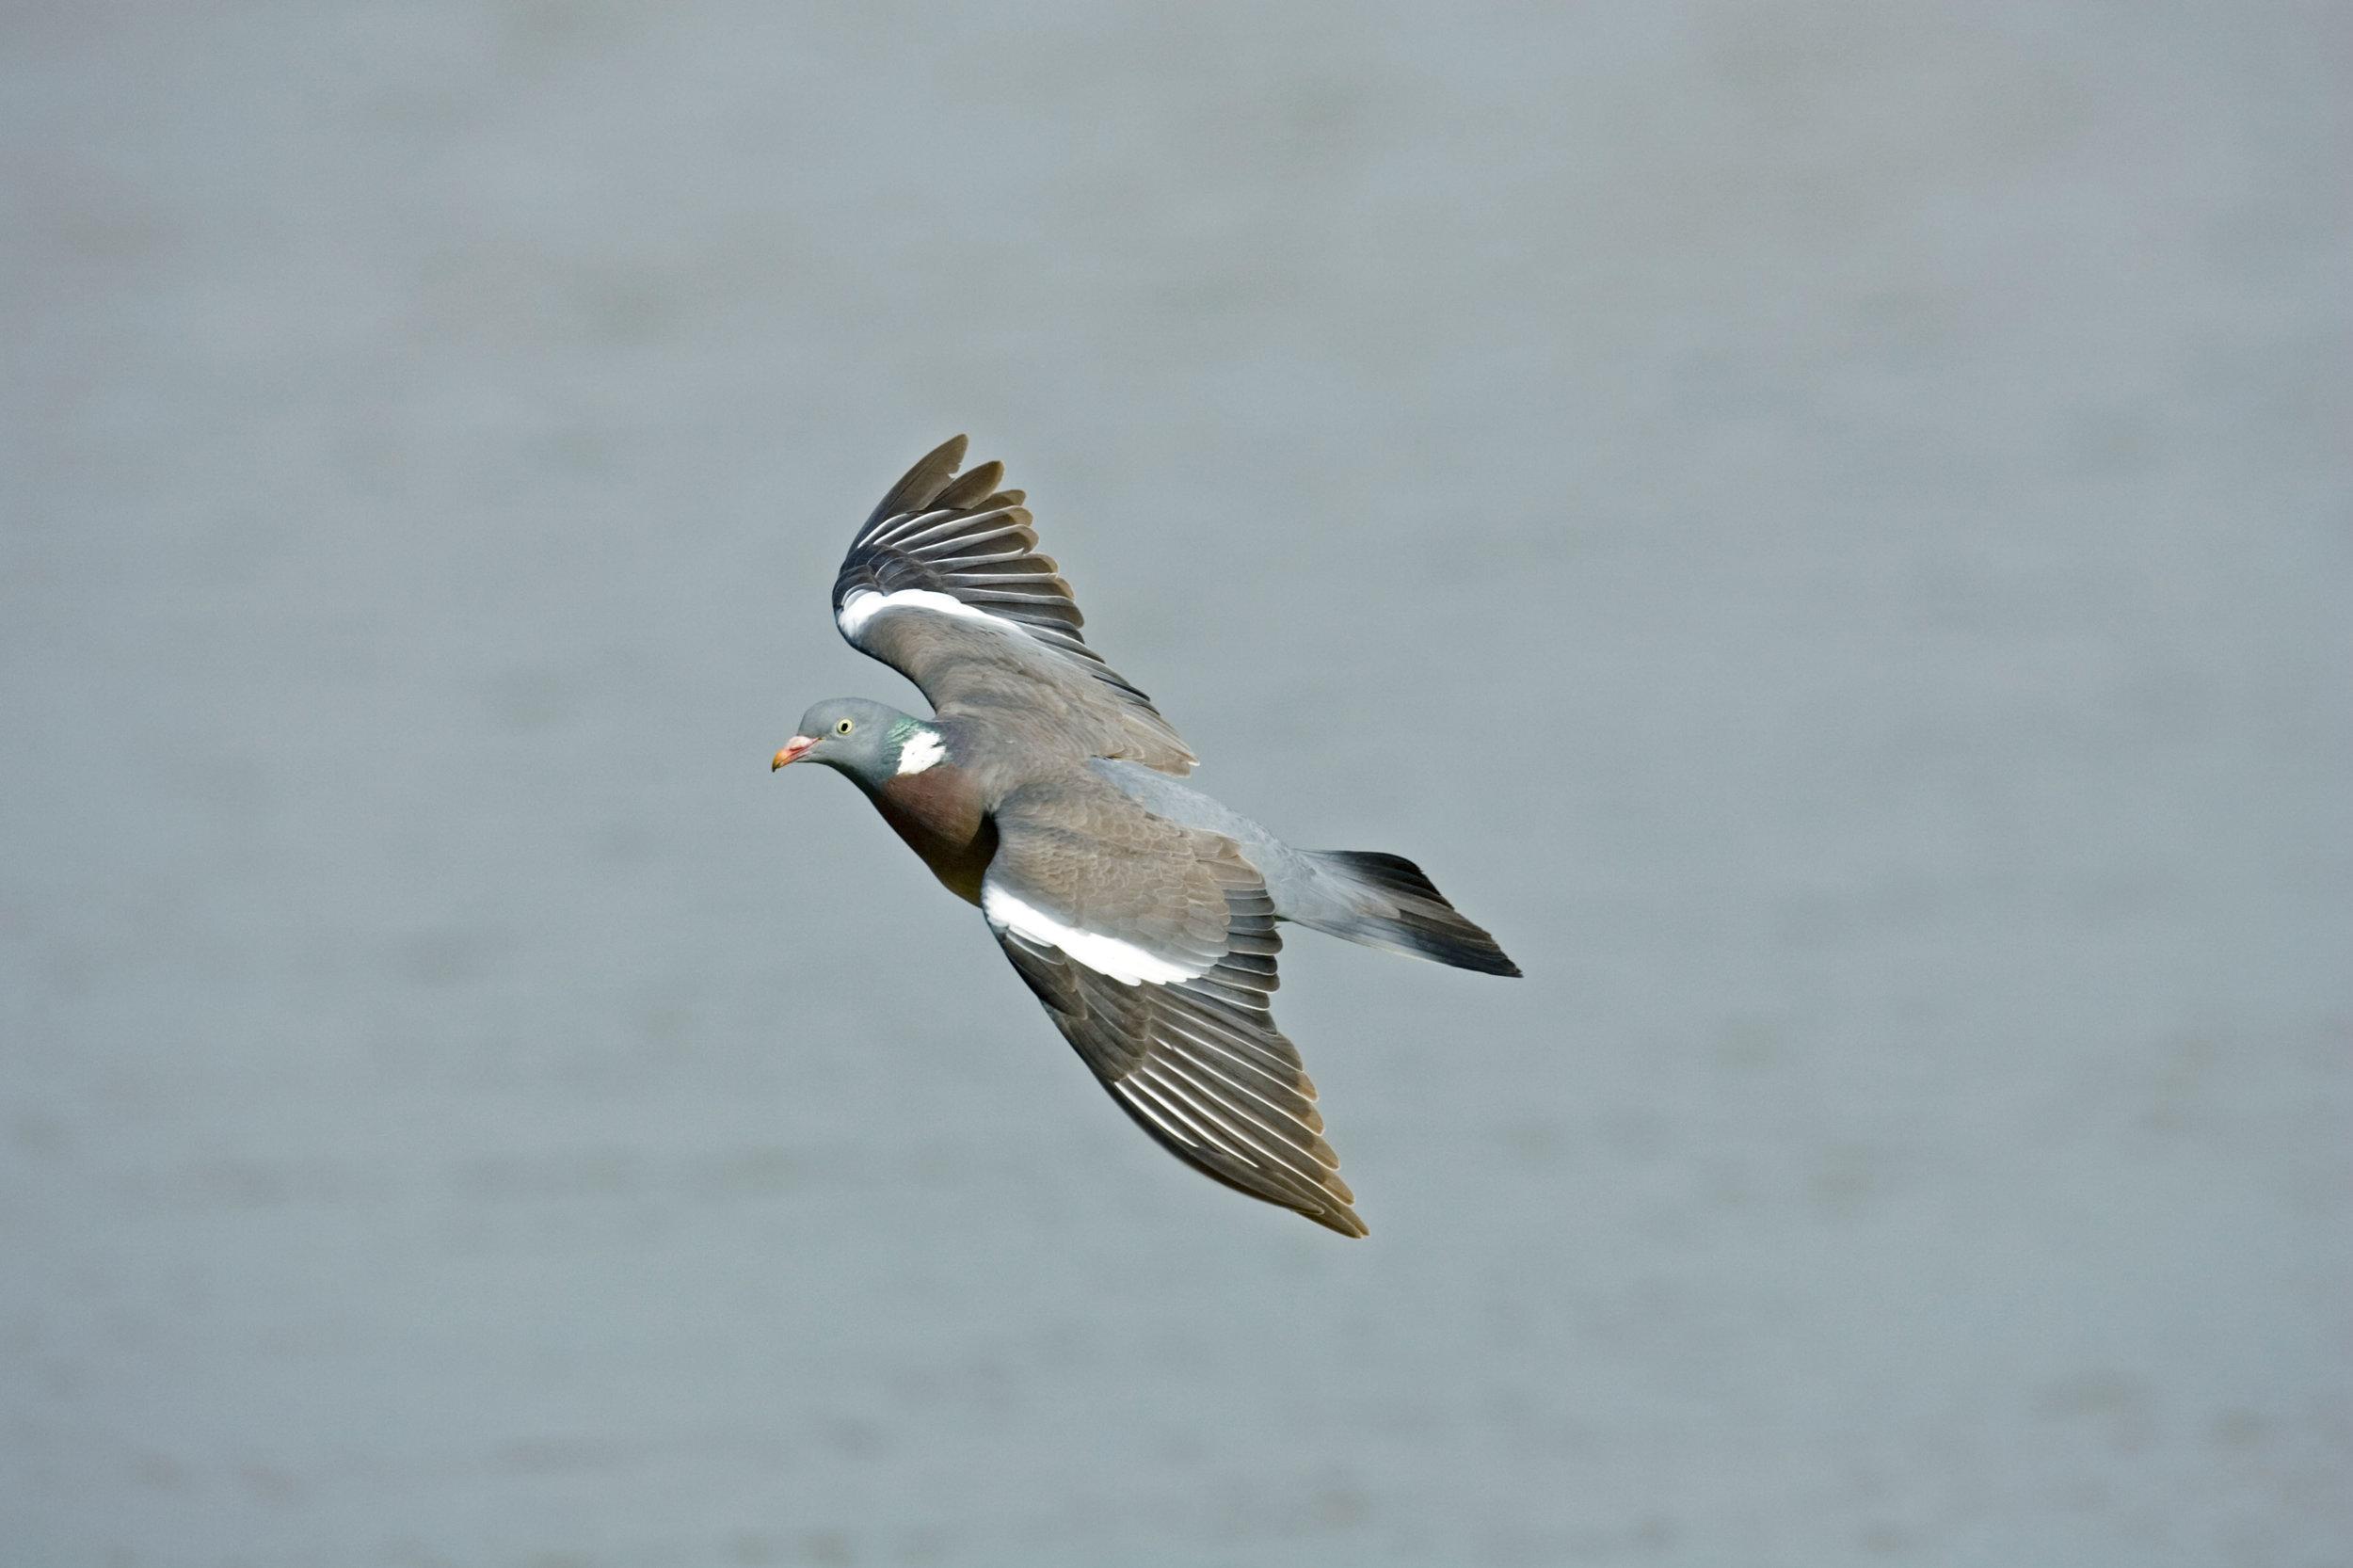 Flying Woodpigeon